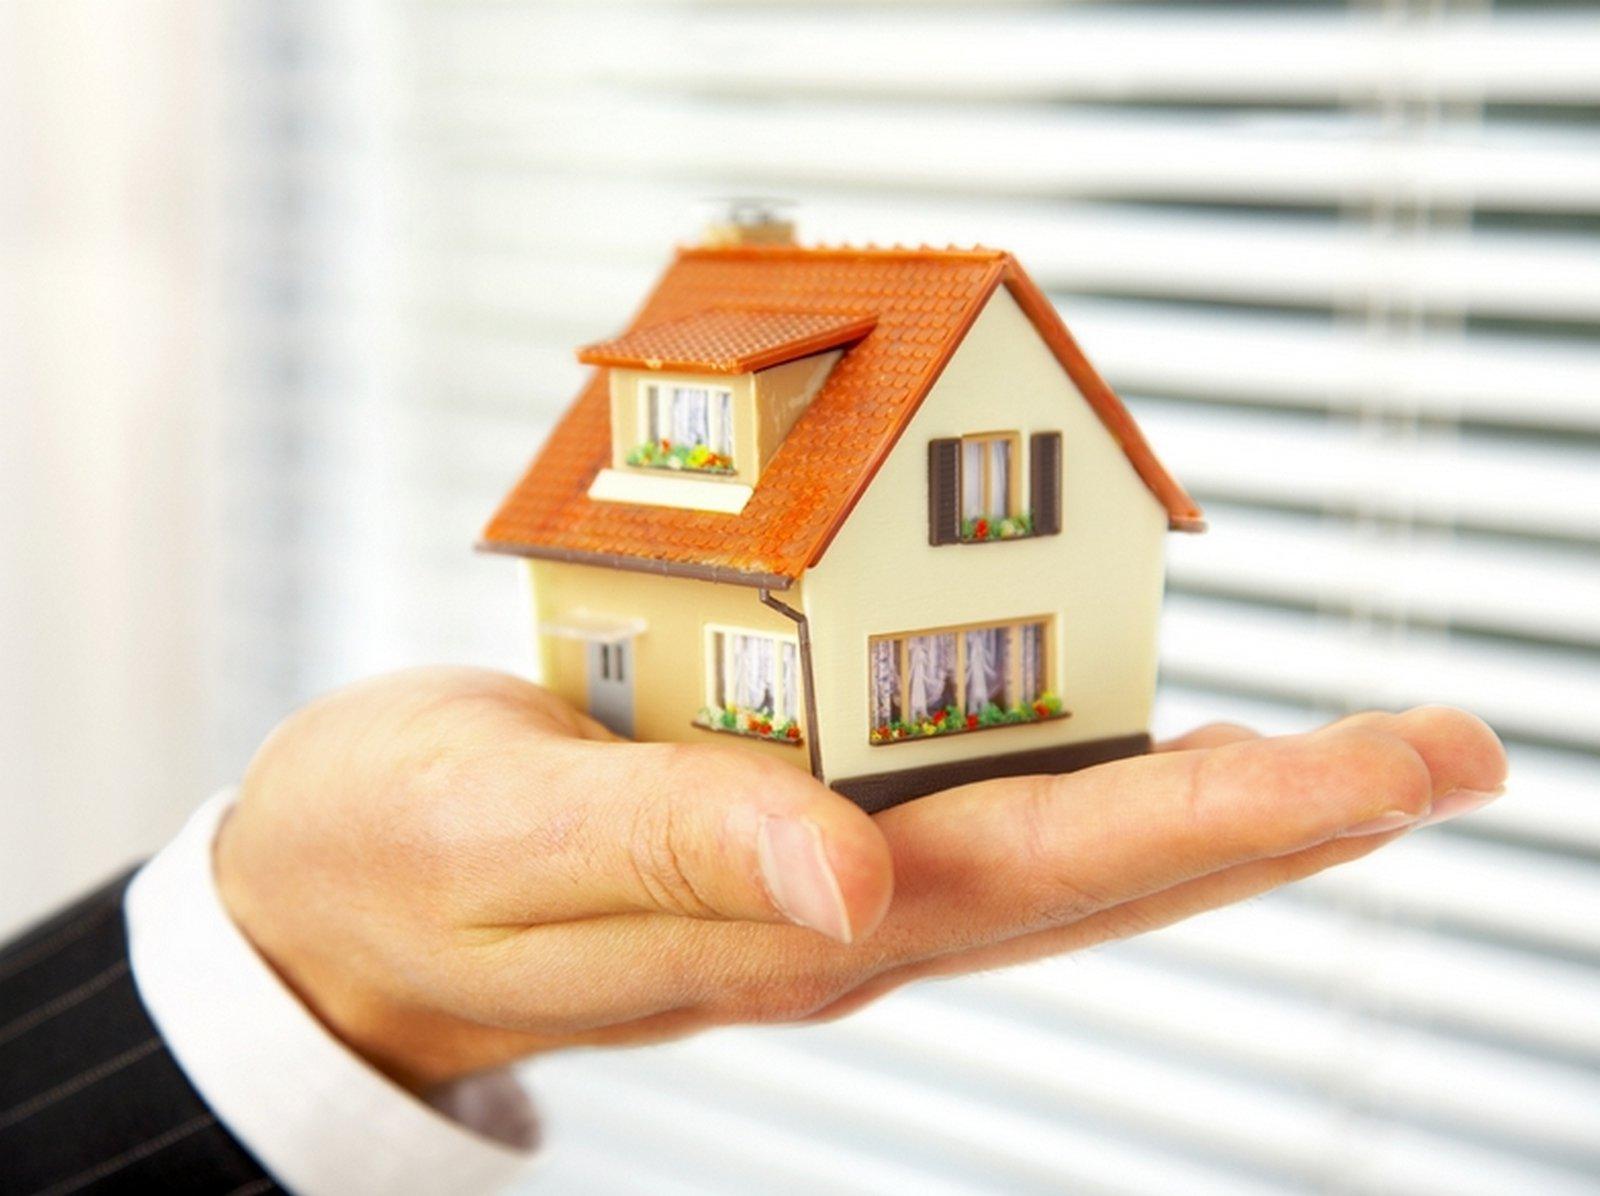 Оформление купли-продажи квартиры у нотариуса 2019